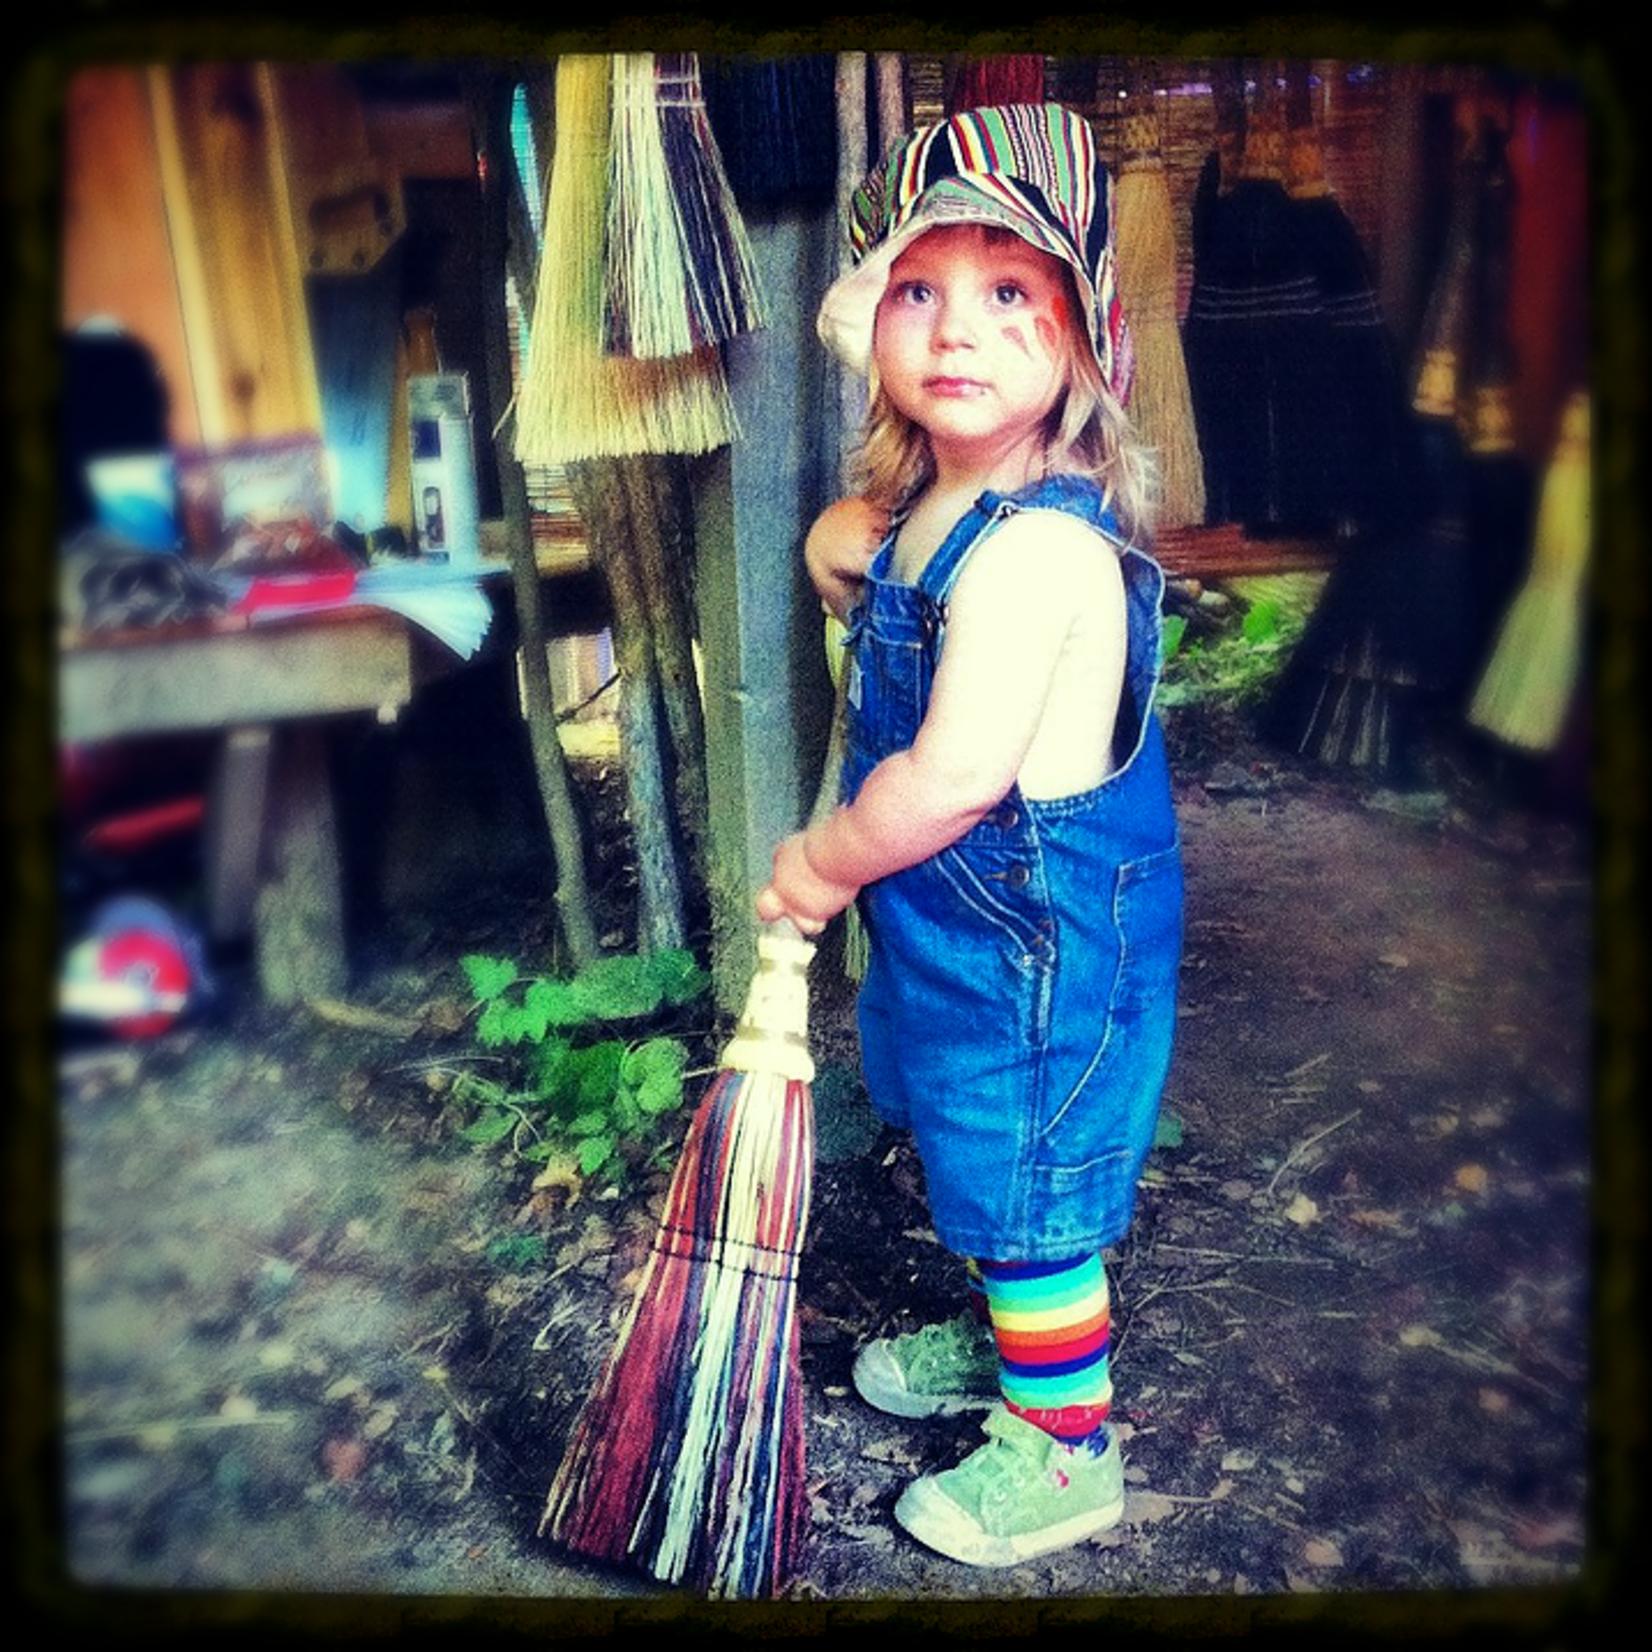 Scheumack Broom Co Scheumack Broom Co. Kitchen Broom Mixed Kid's